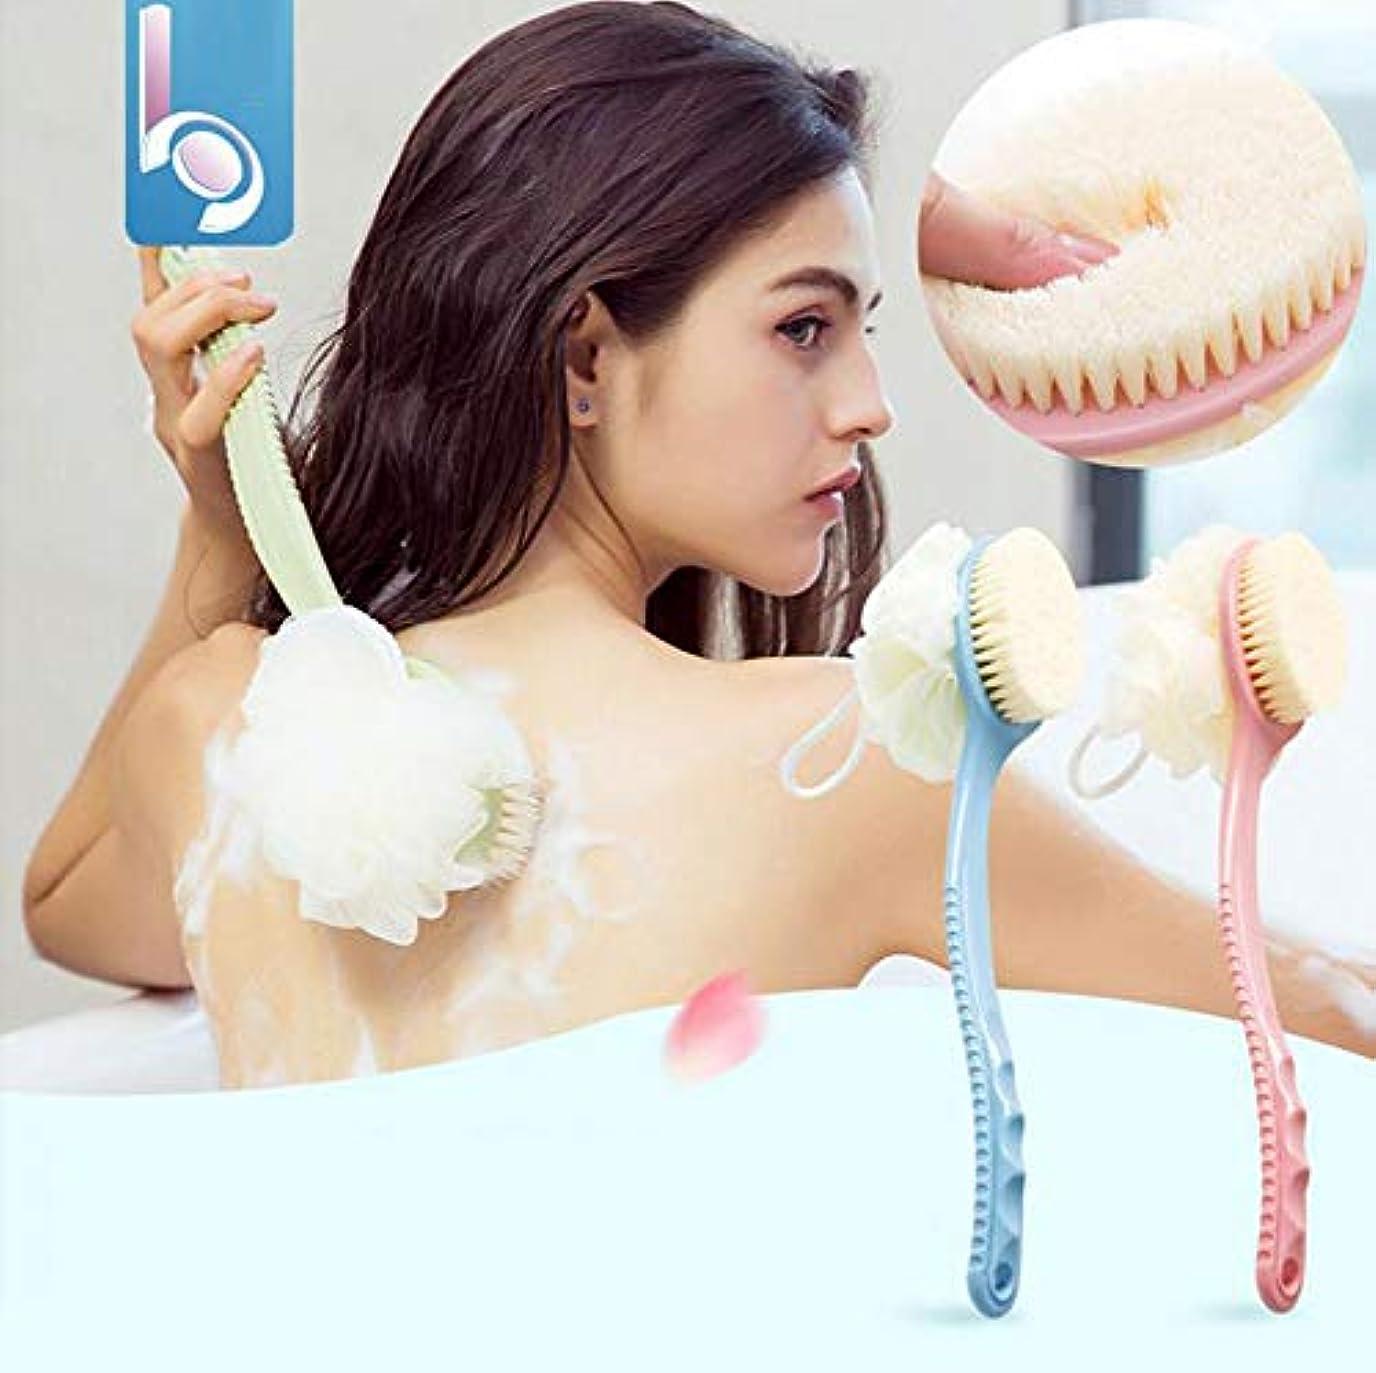 鷲有利樫の木ロングハンドルバスブラシ、ソフトファーバスタオル入浴バックセルライトスクラブのための入浴アーティファクト,Pink